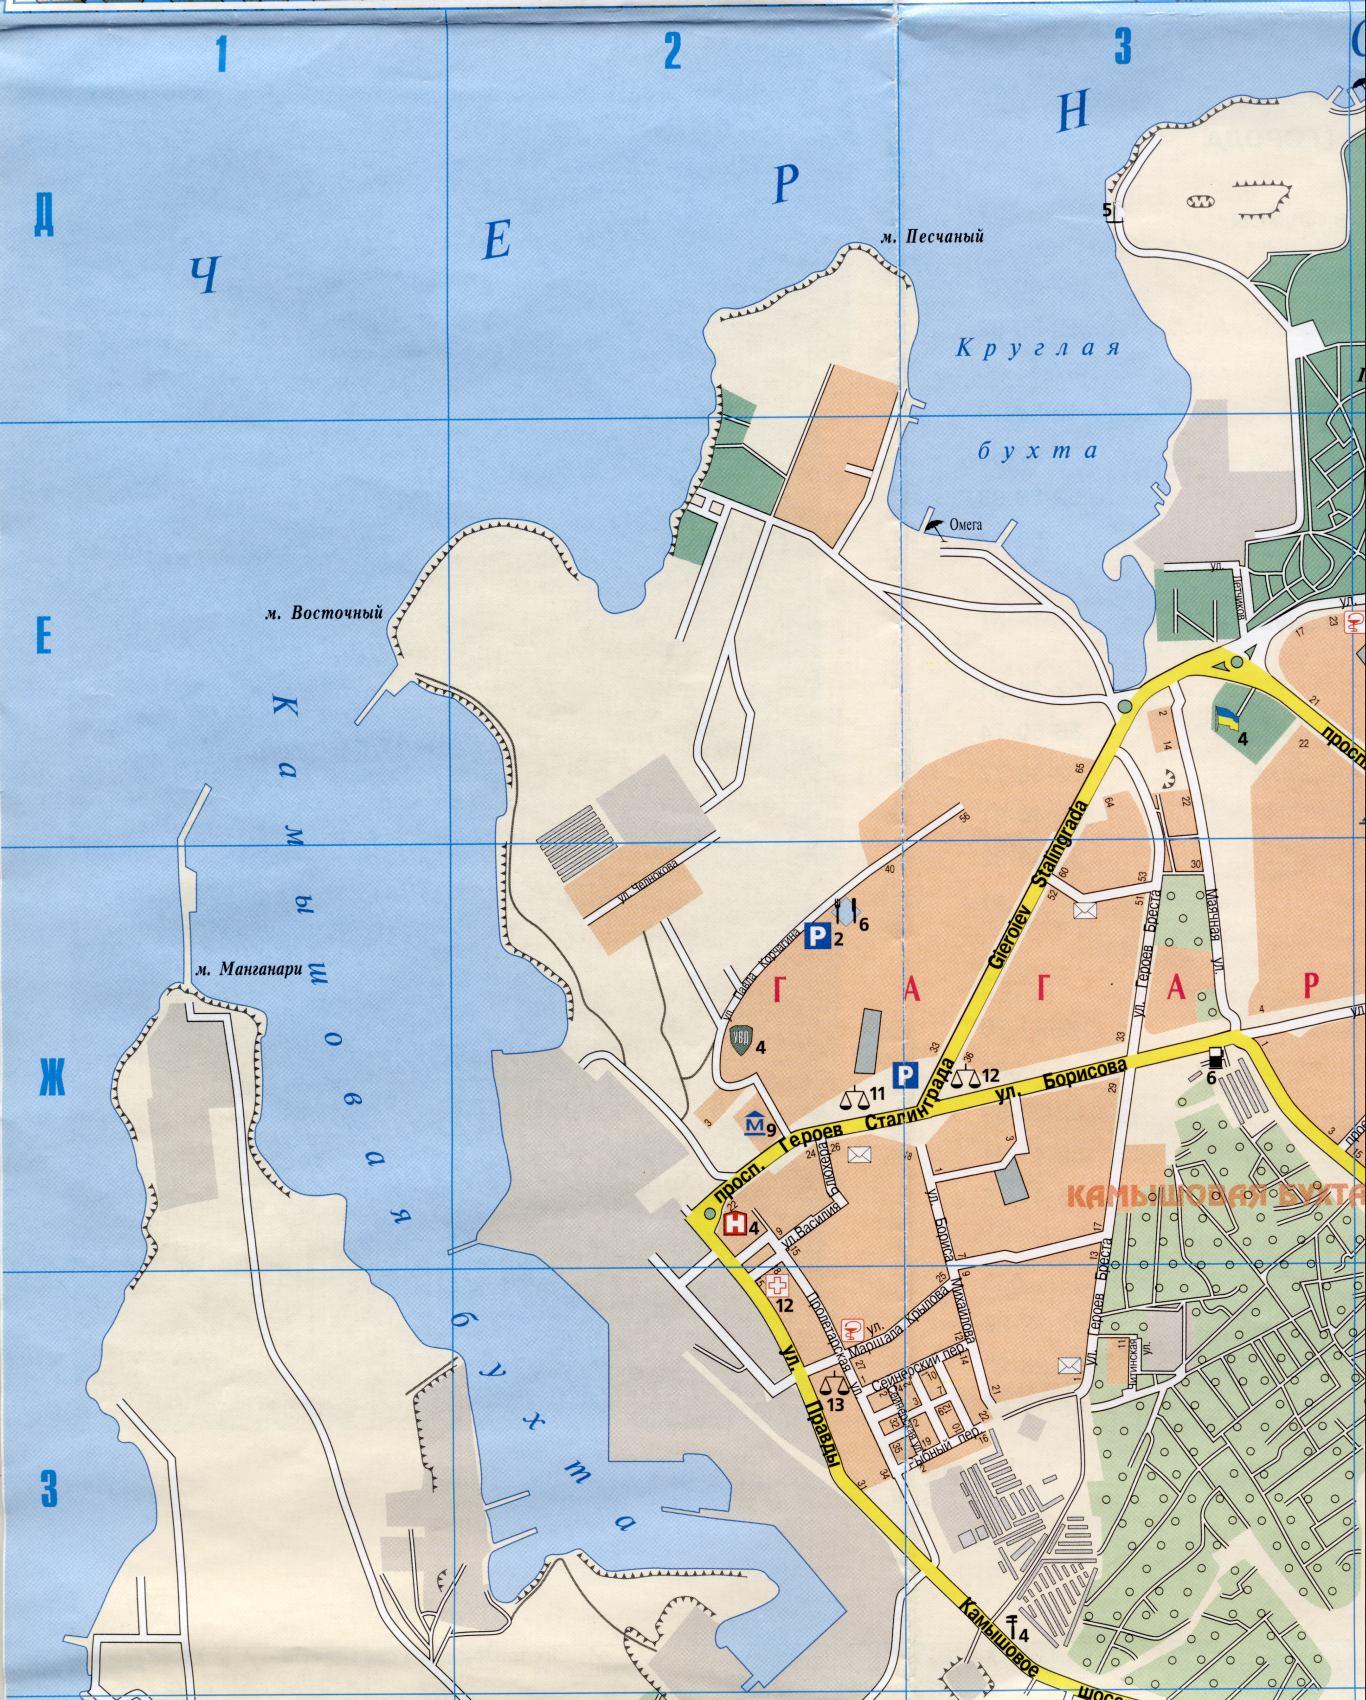 Большая карта Севастополя. Подробная карта улиц ...: http://sebastopol.su/map117581_1_0.htm